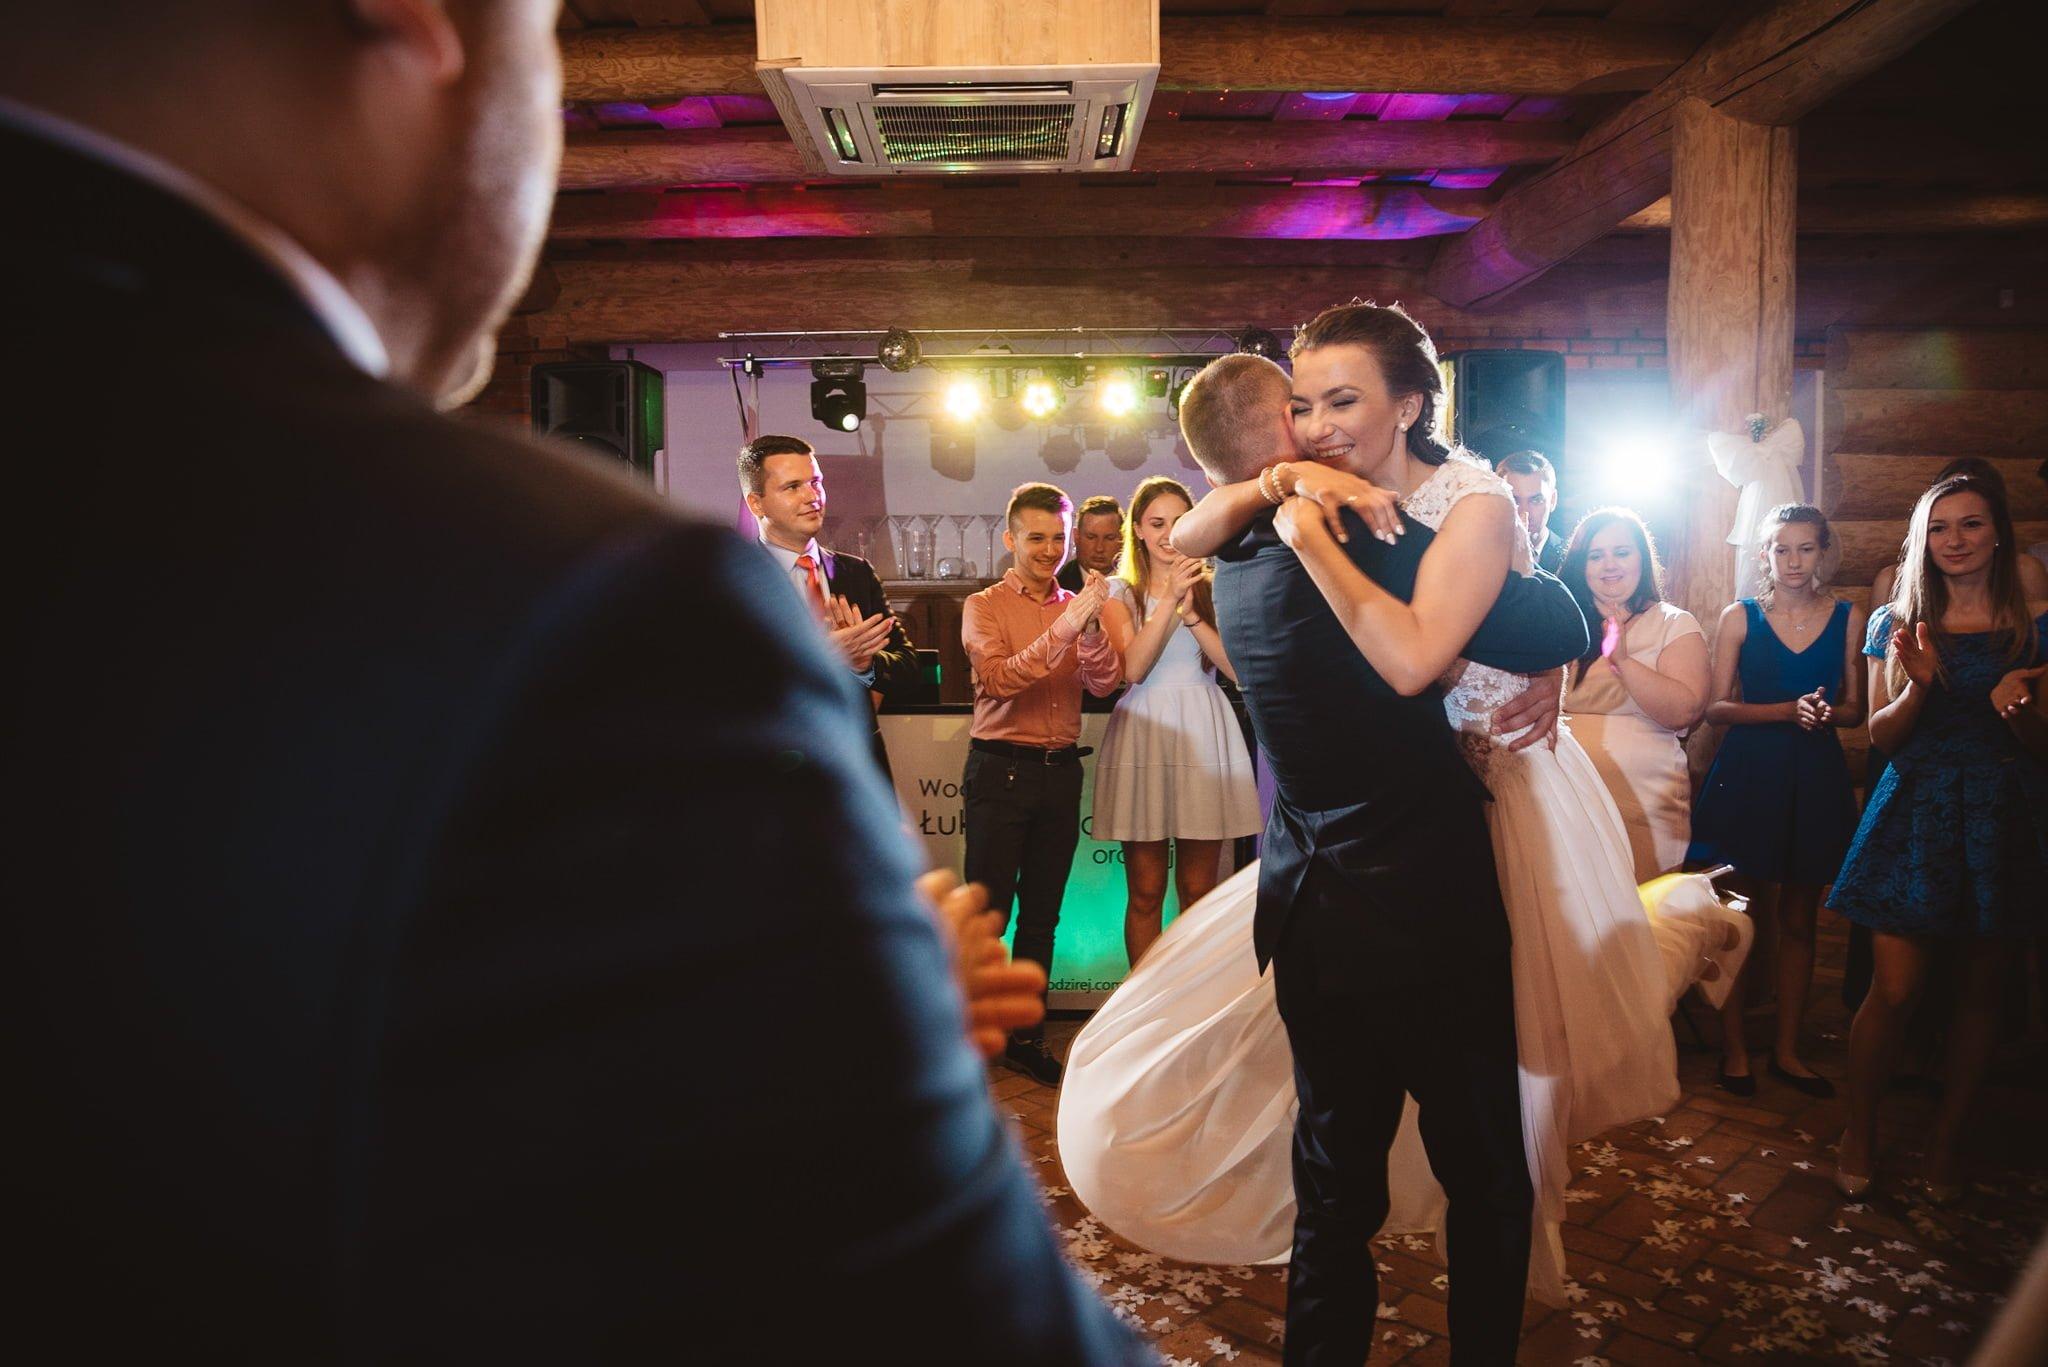 Ala i Arek, czyli jak zorganizować ślub i wesele w 4 tygodnie! 215